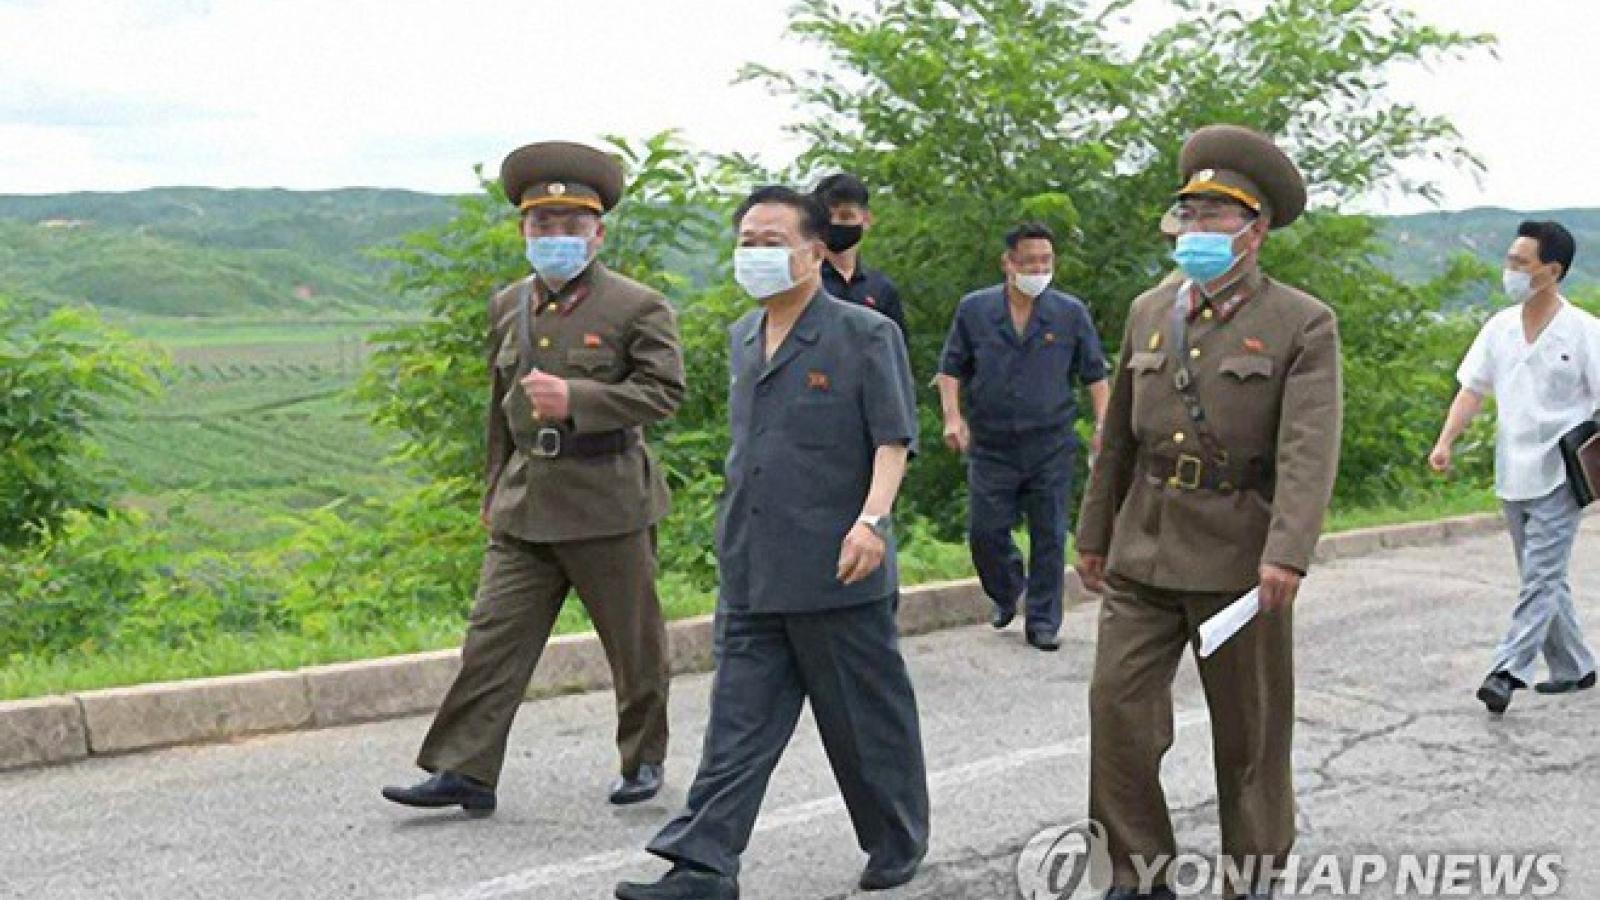 Triều Tiên thắt chặt kiểm soát các lối vào thủ đô để ngăn chặn Covid 19